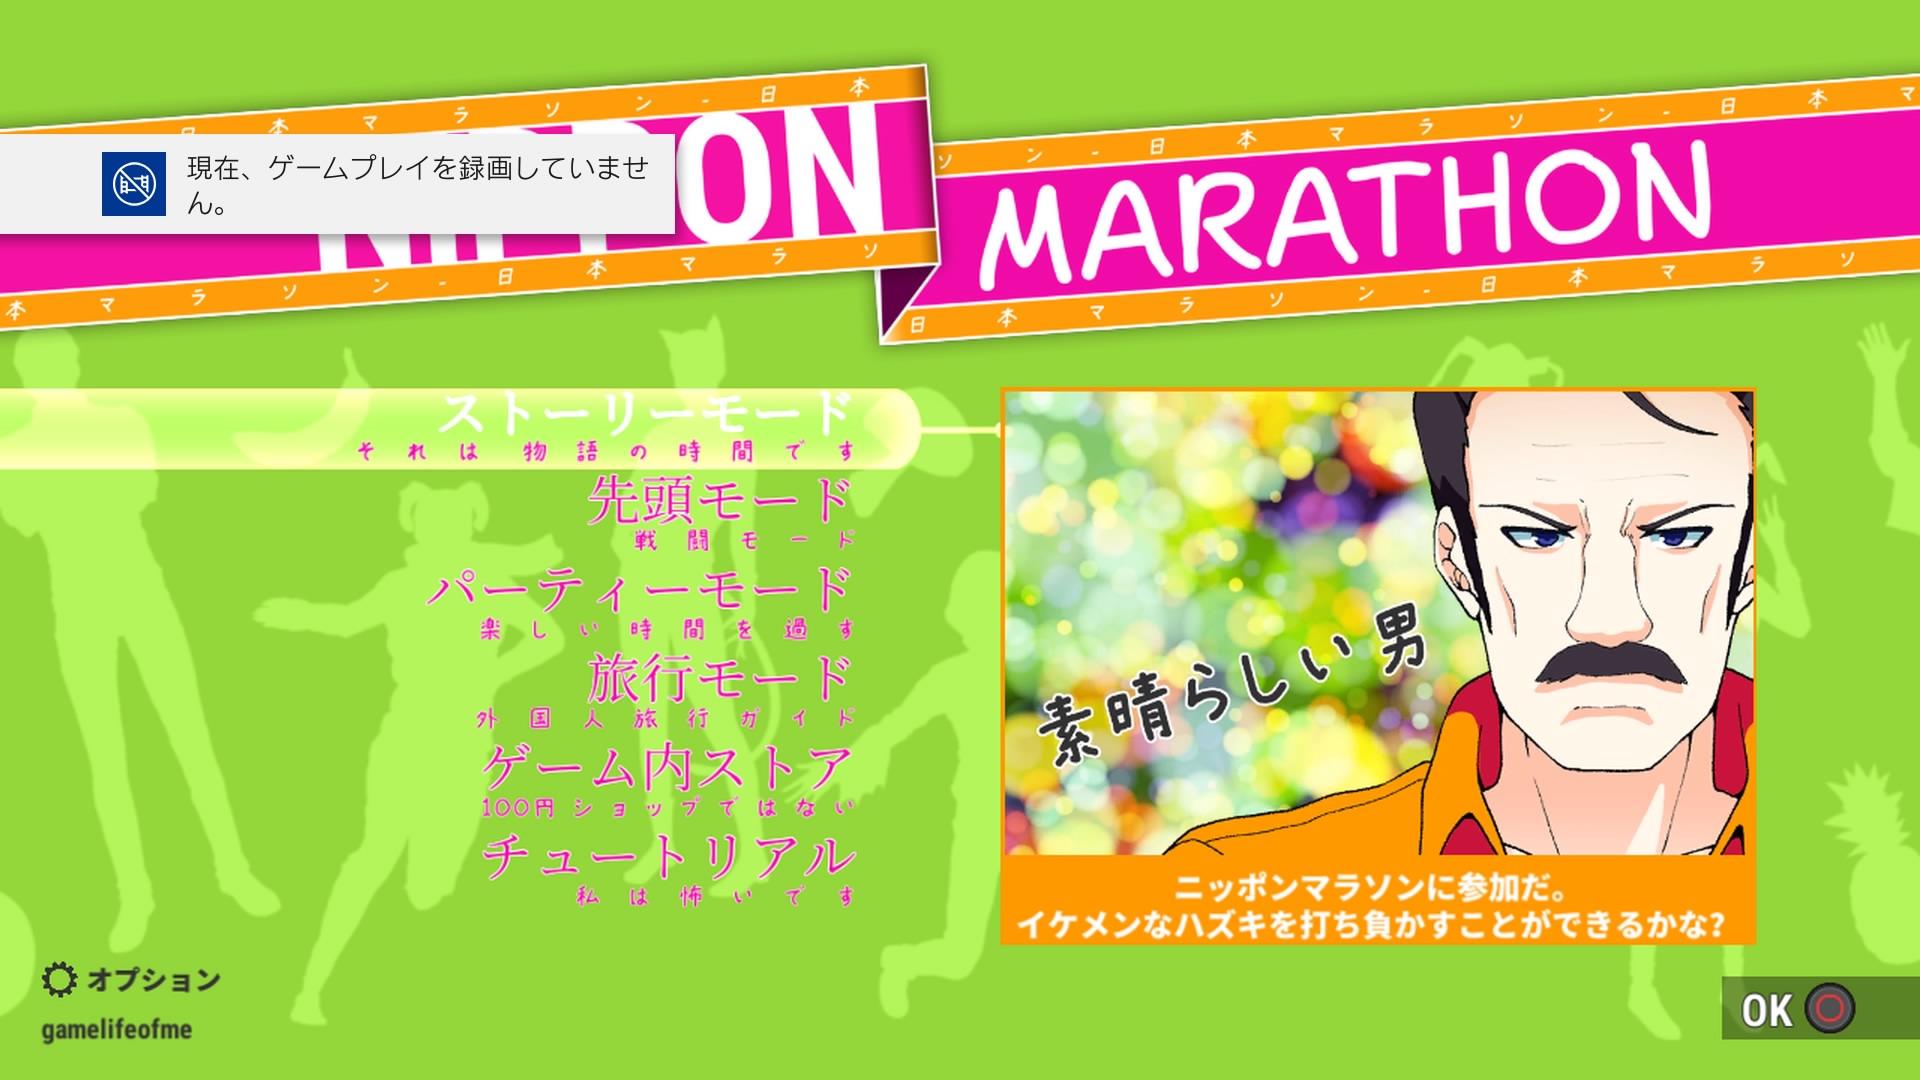 Nippon Marathon(PS4)感想・レビュー